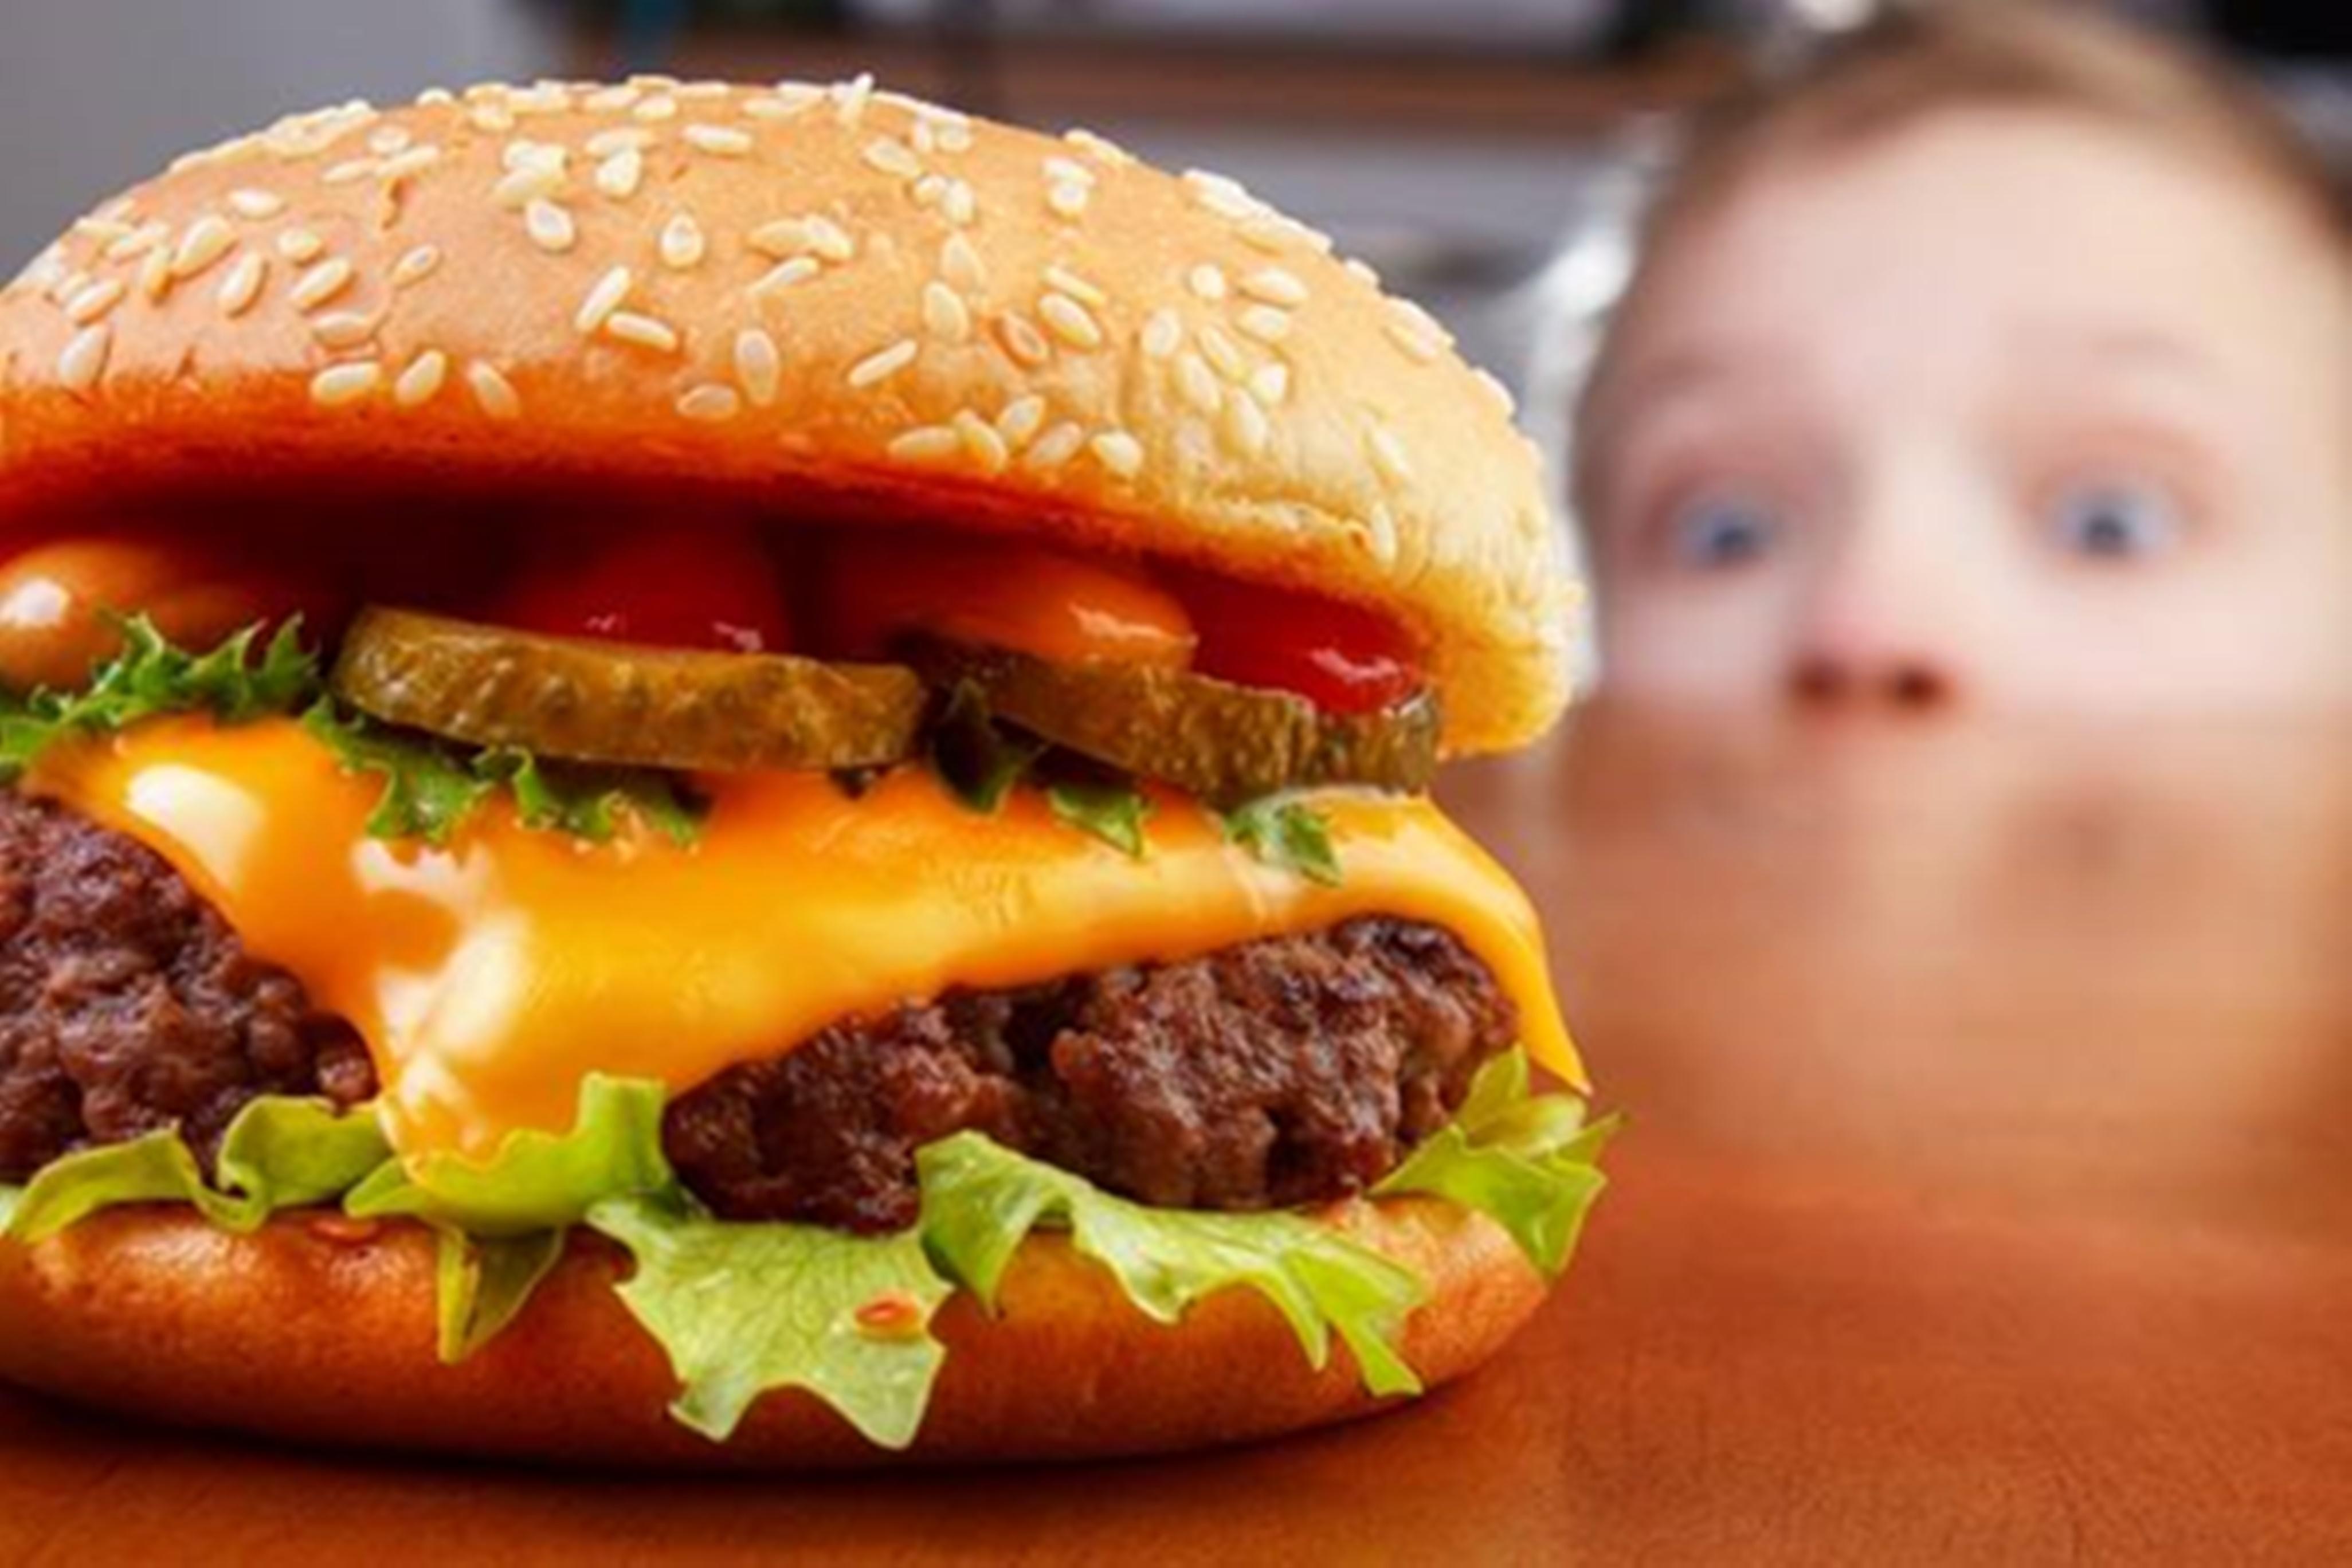 Hambúrgueres artesanais, uma tendência de mercado lucrativa